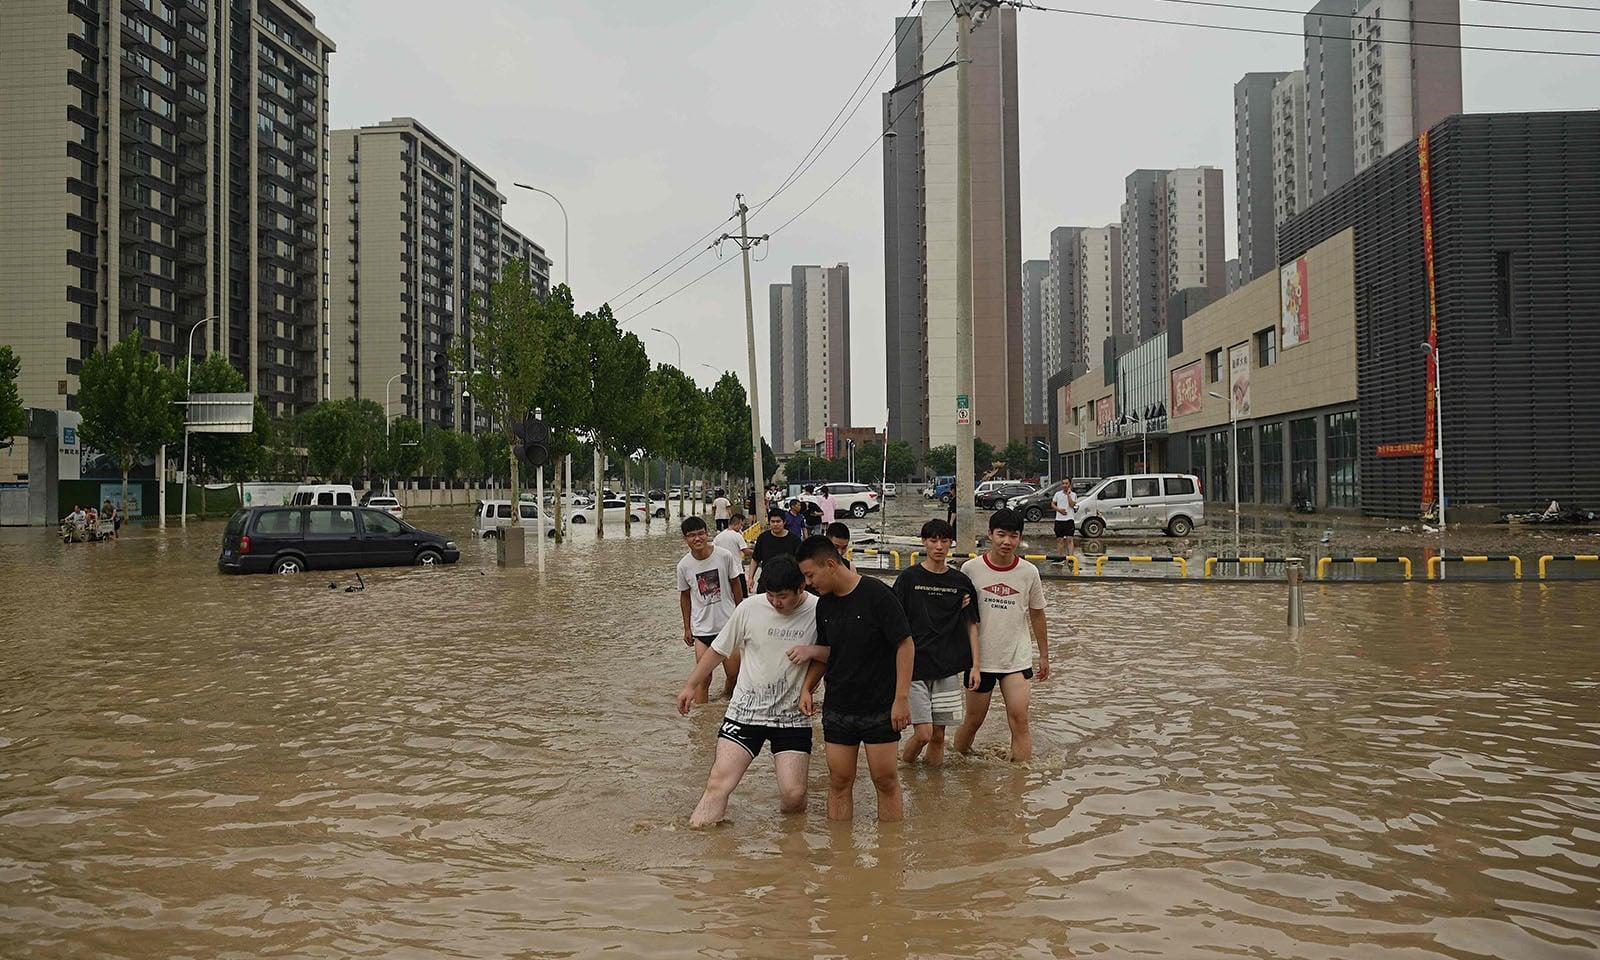 ایک مصروف تجارتی علاقہ پانی میں ڈوبا ہوا—تصویر: اے ایف پی